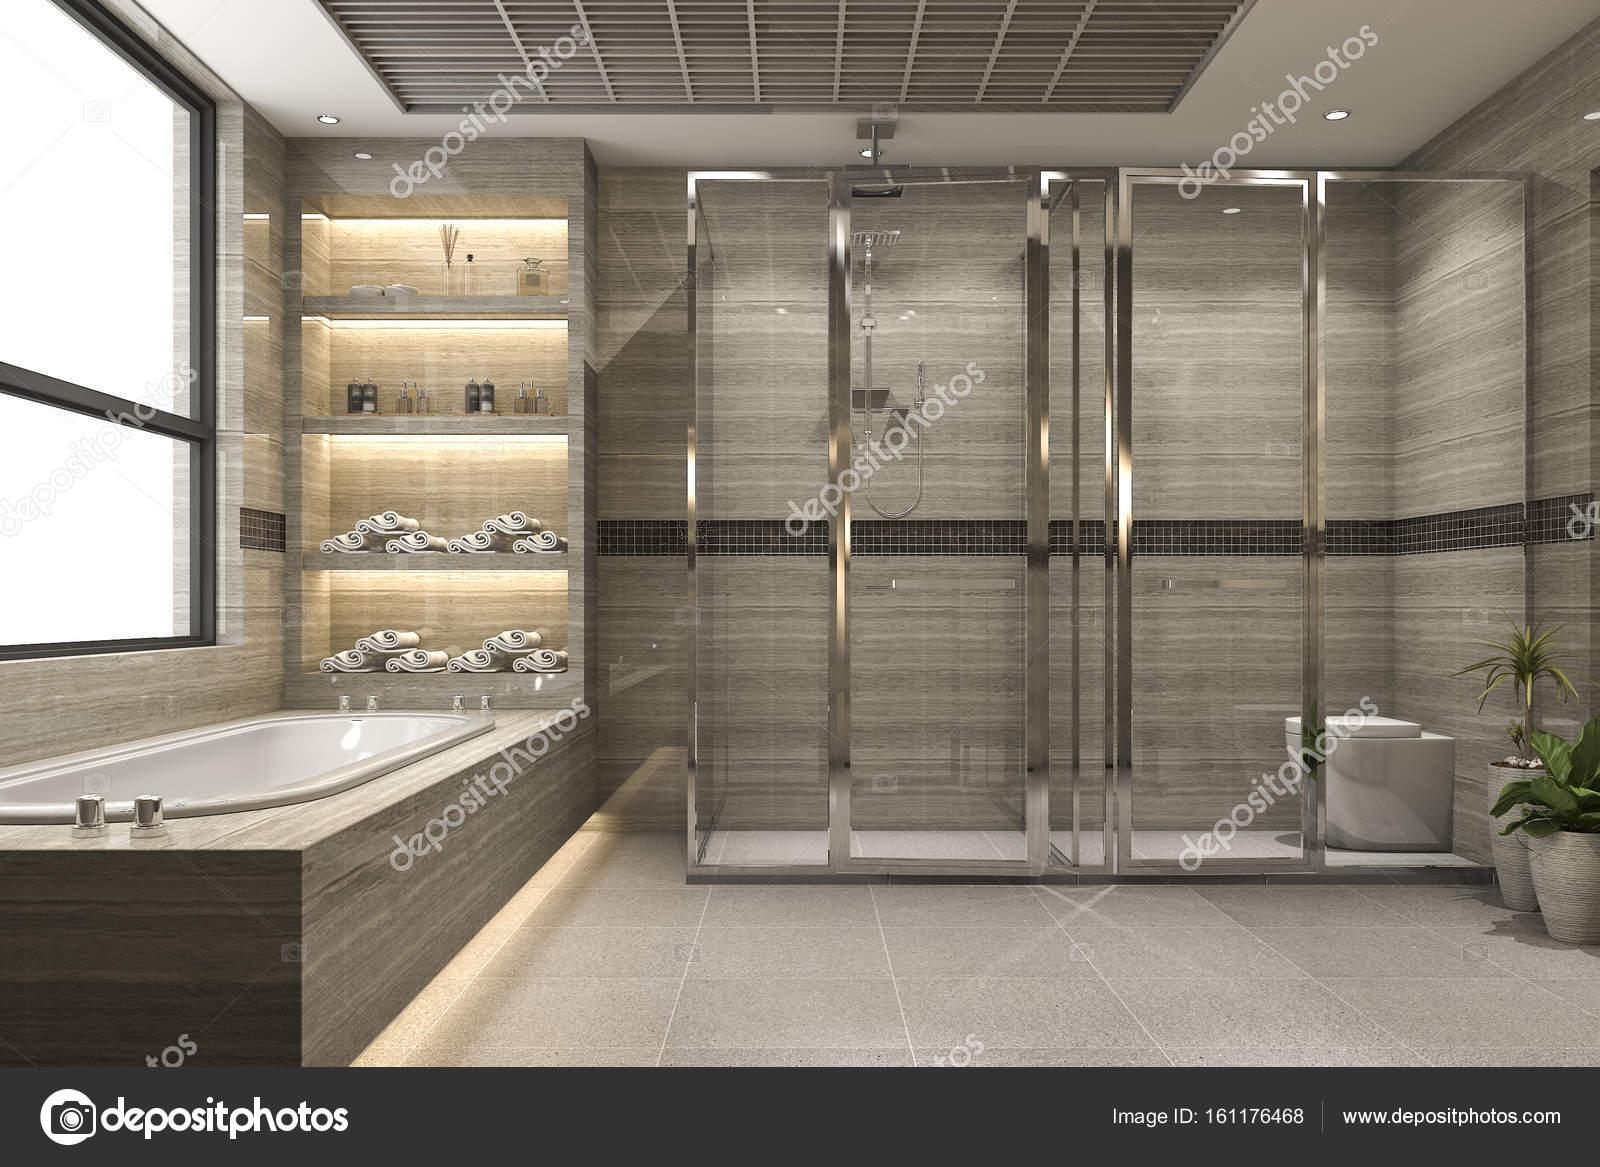 Stanza da bagno moderno loft di rendering d con lusso piastrelle